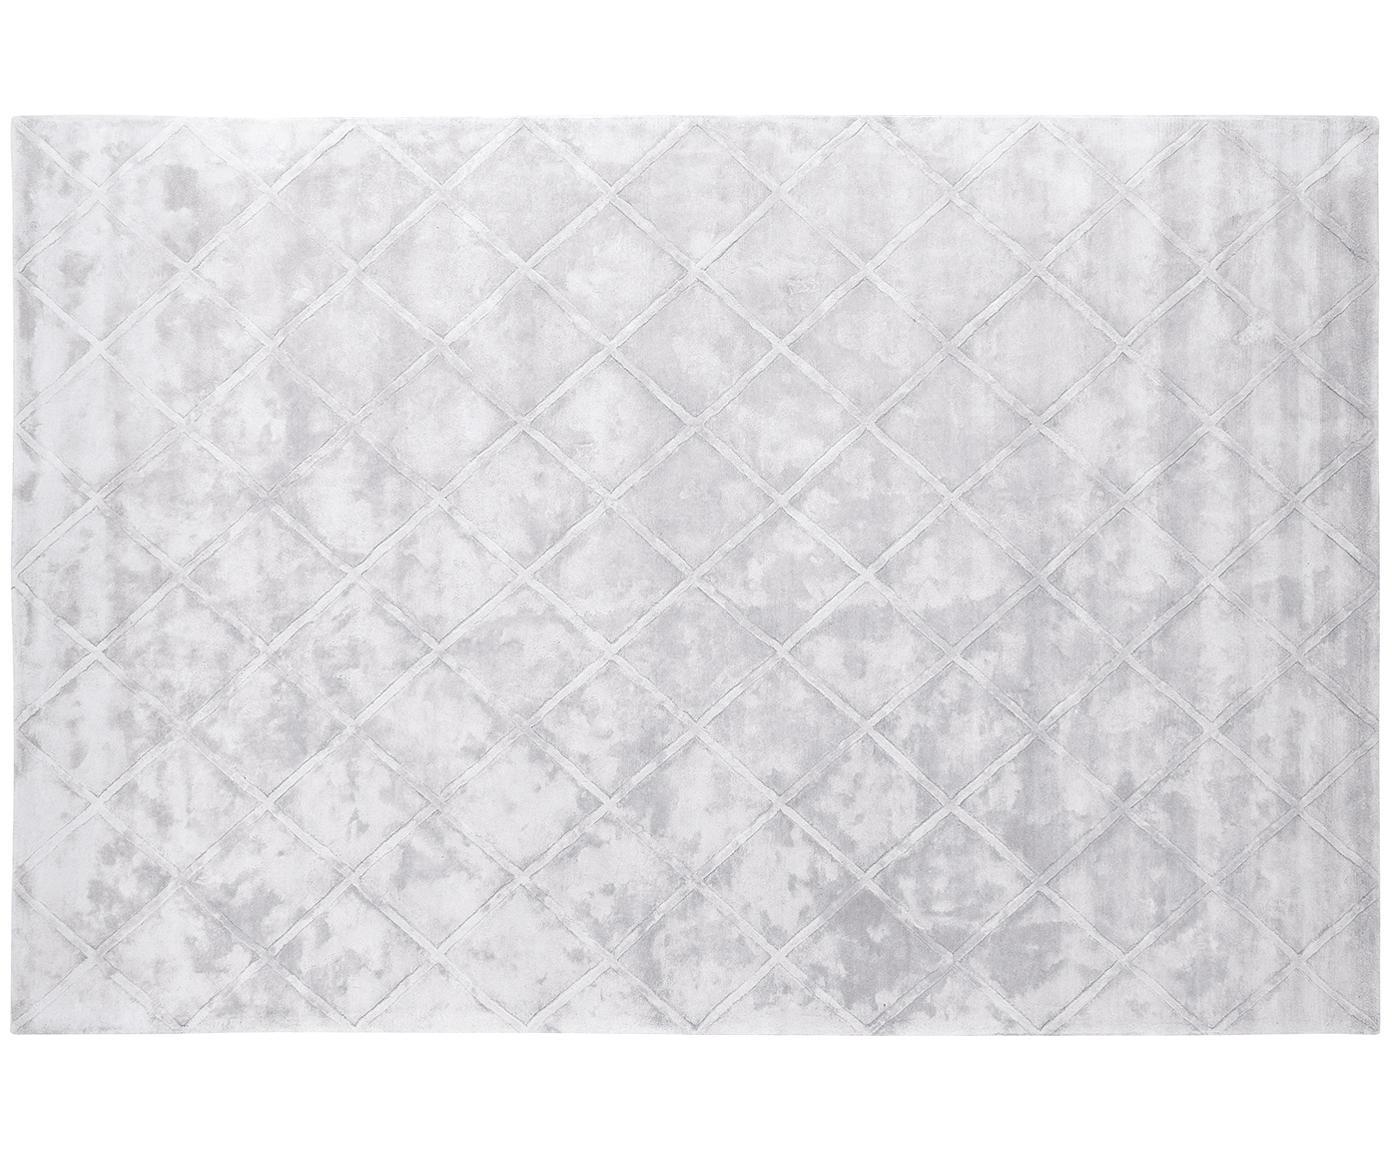 Ręcznie tuftowany dywan z wiskozy Shiny, Jasny srebrnoszary, S 200 x D 300 cm (Rozmiar L)